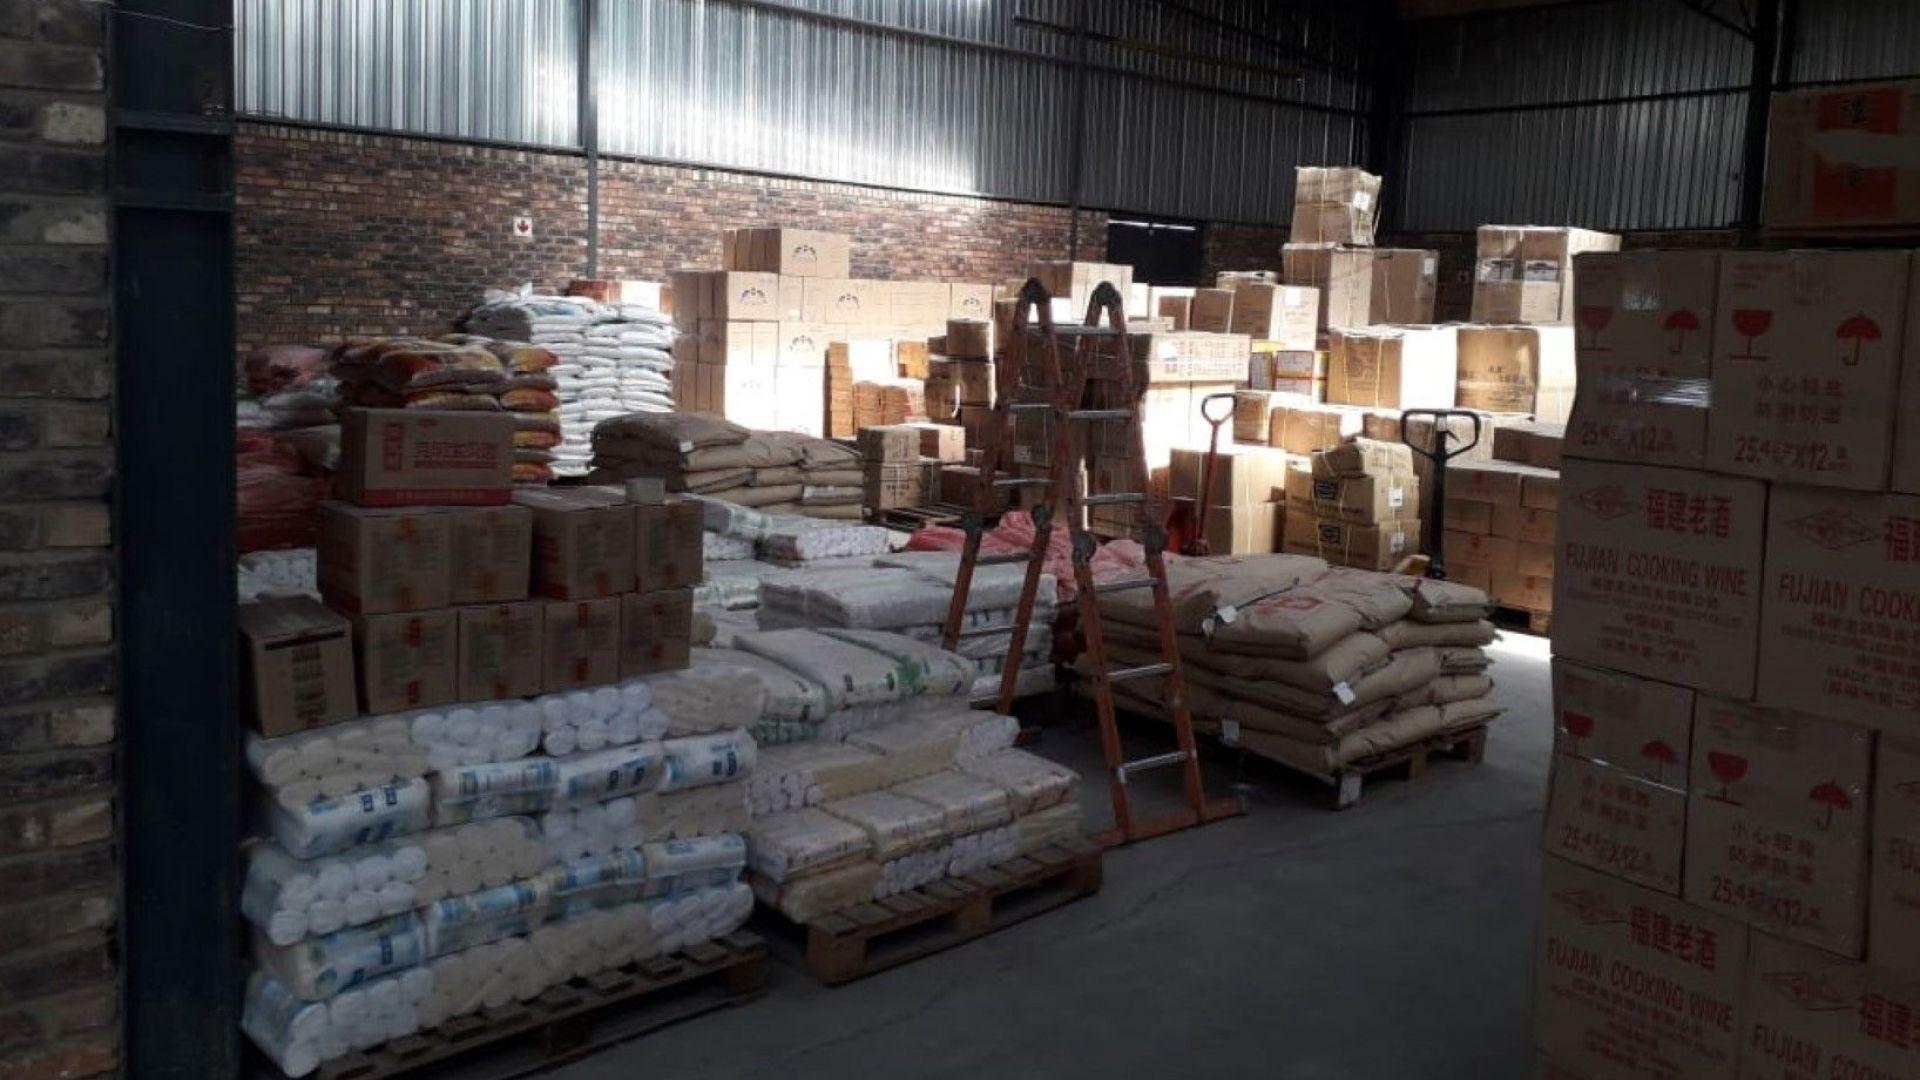 Откриха сирене с опасна бактерия в български склад, над 400 арестувани при международна акция